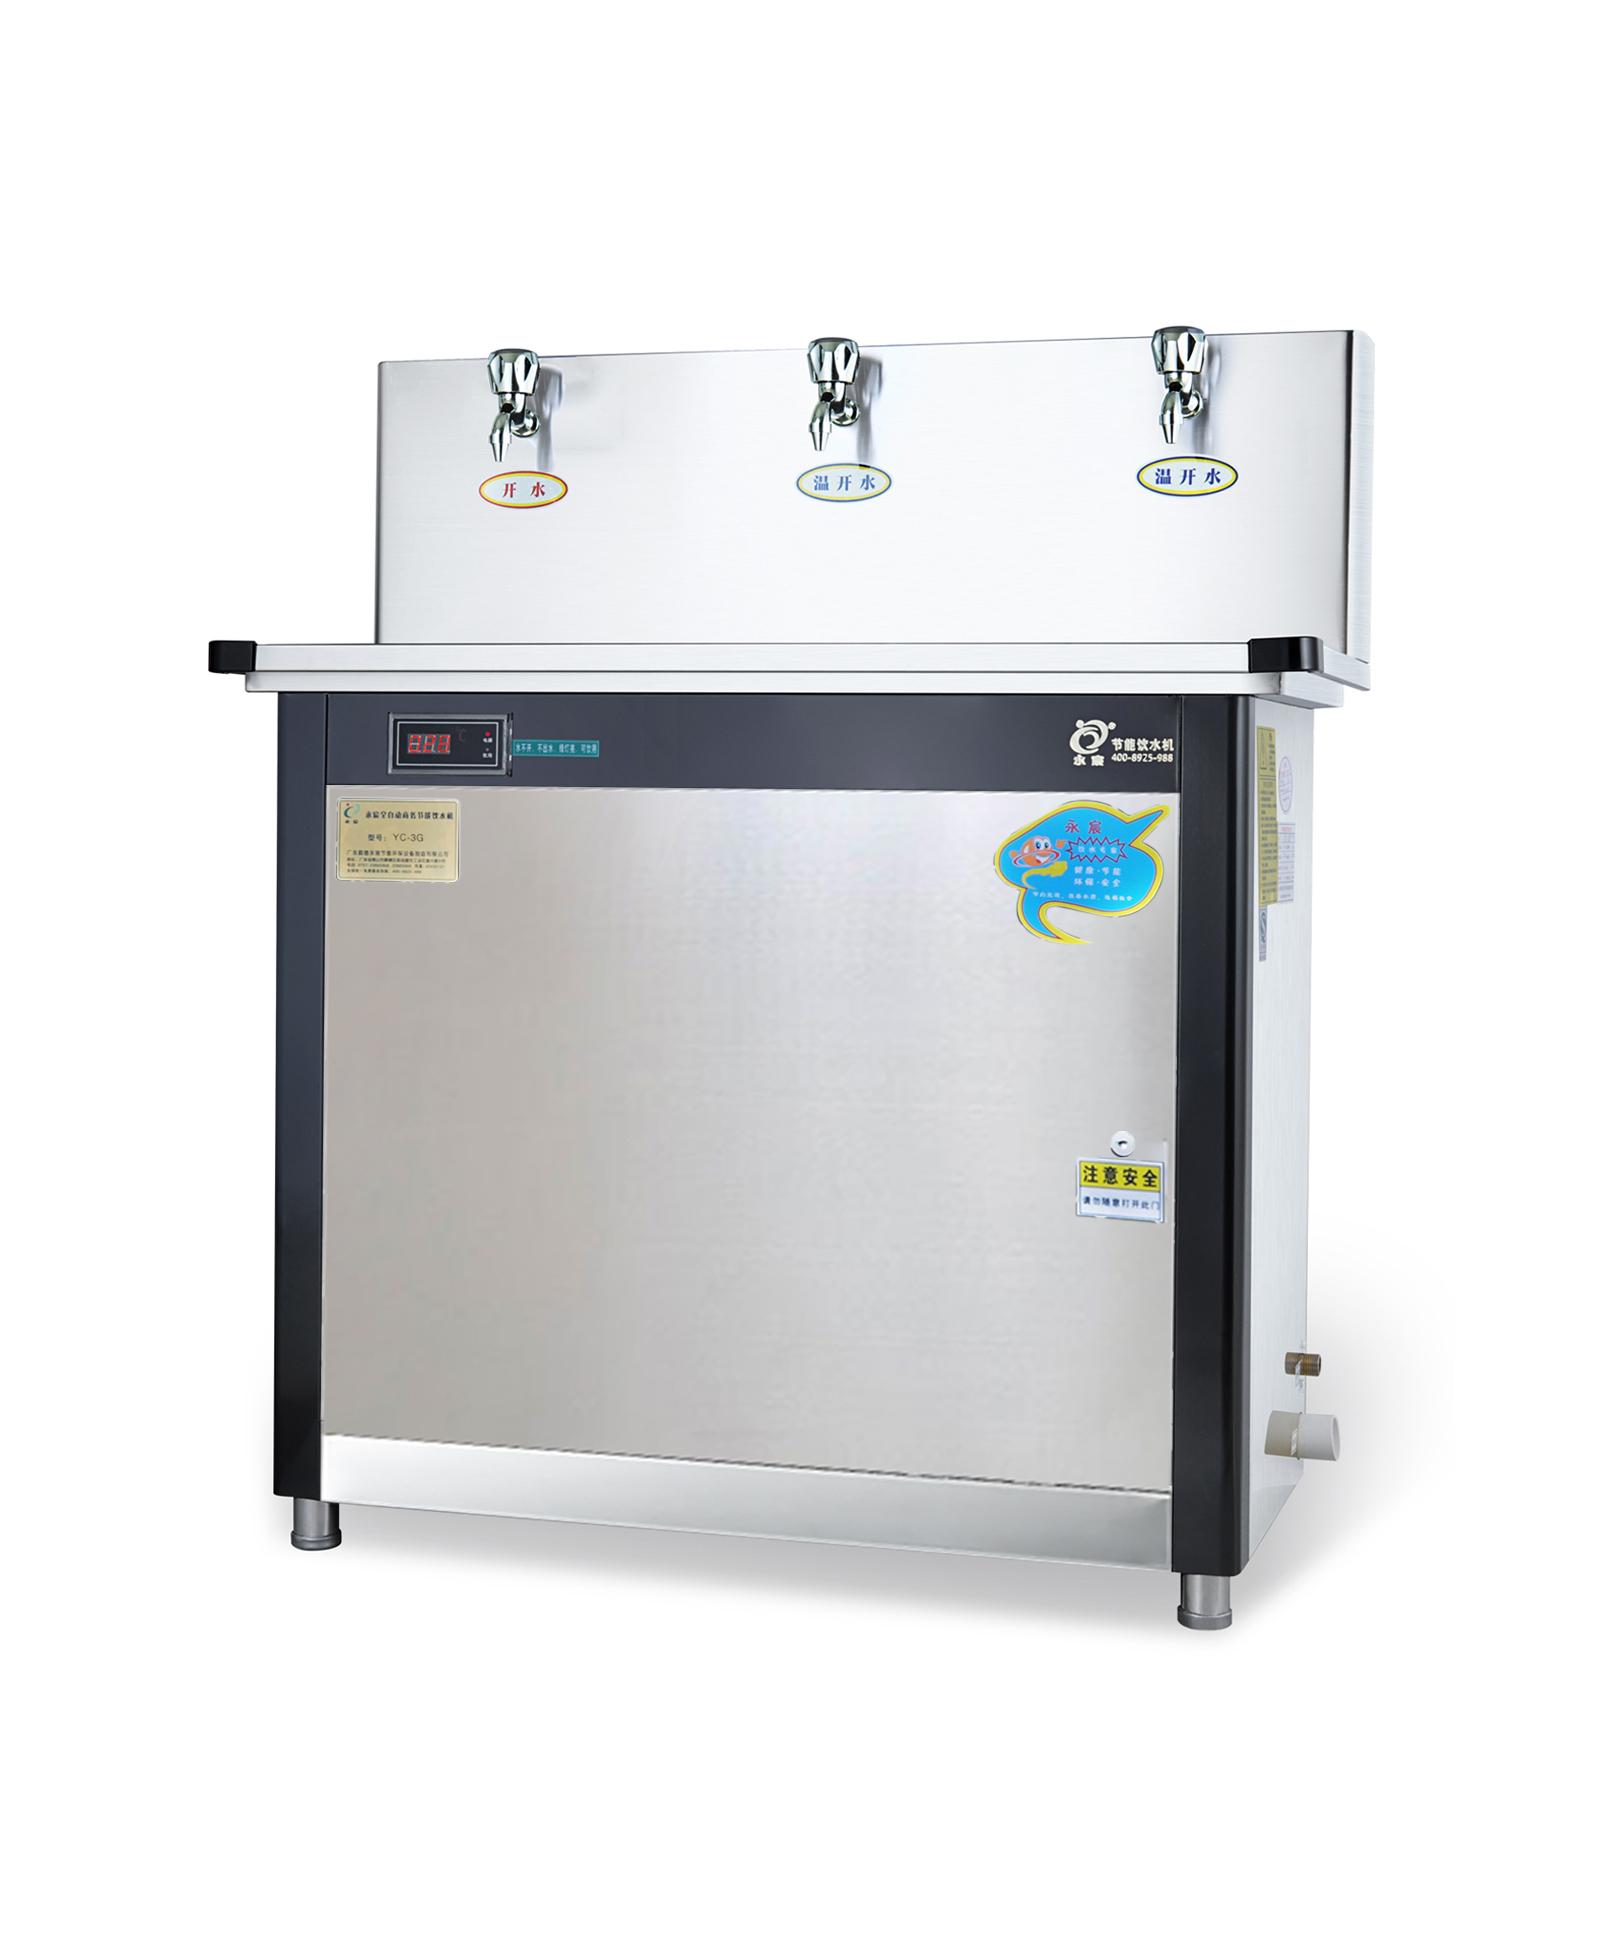 冰热型直ballbetYC-3G-18B